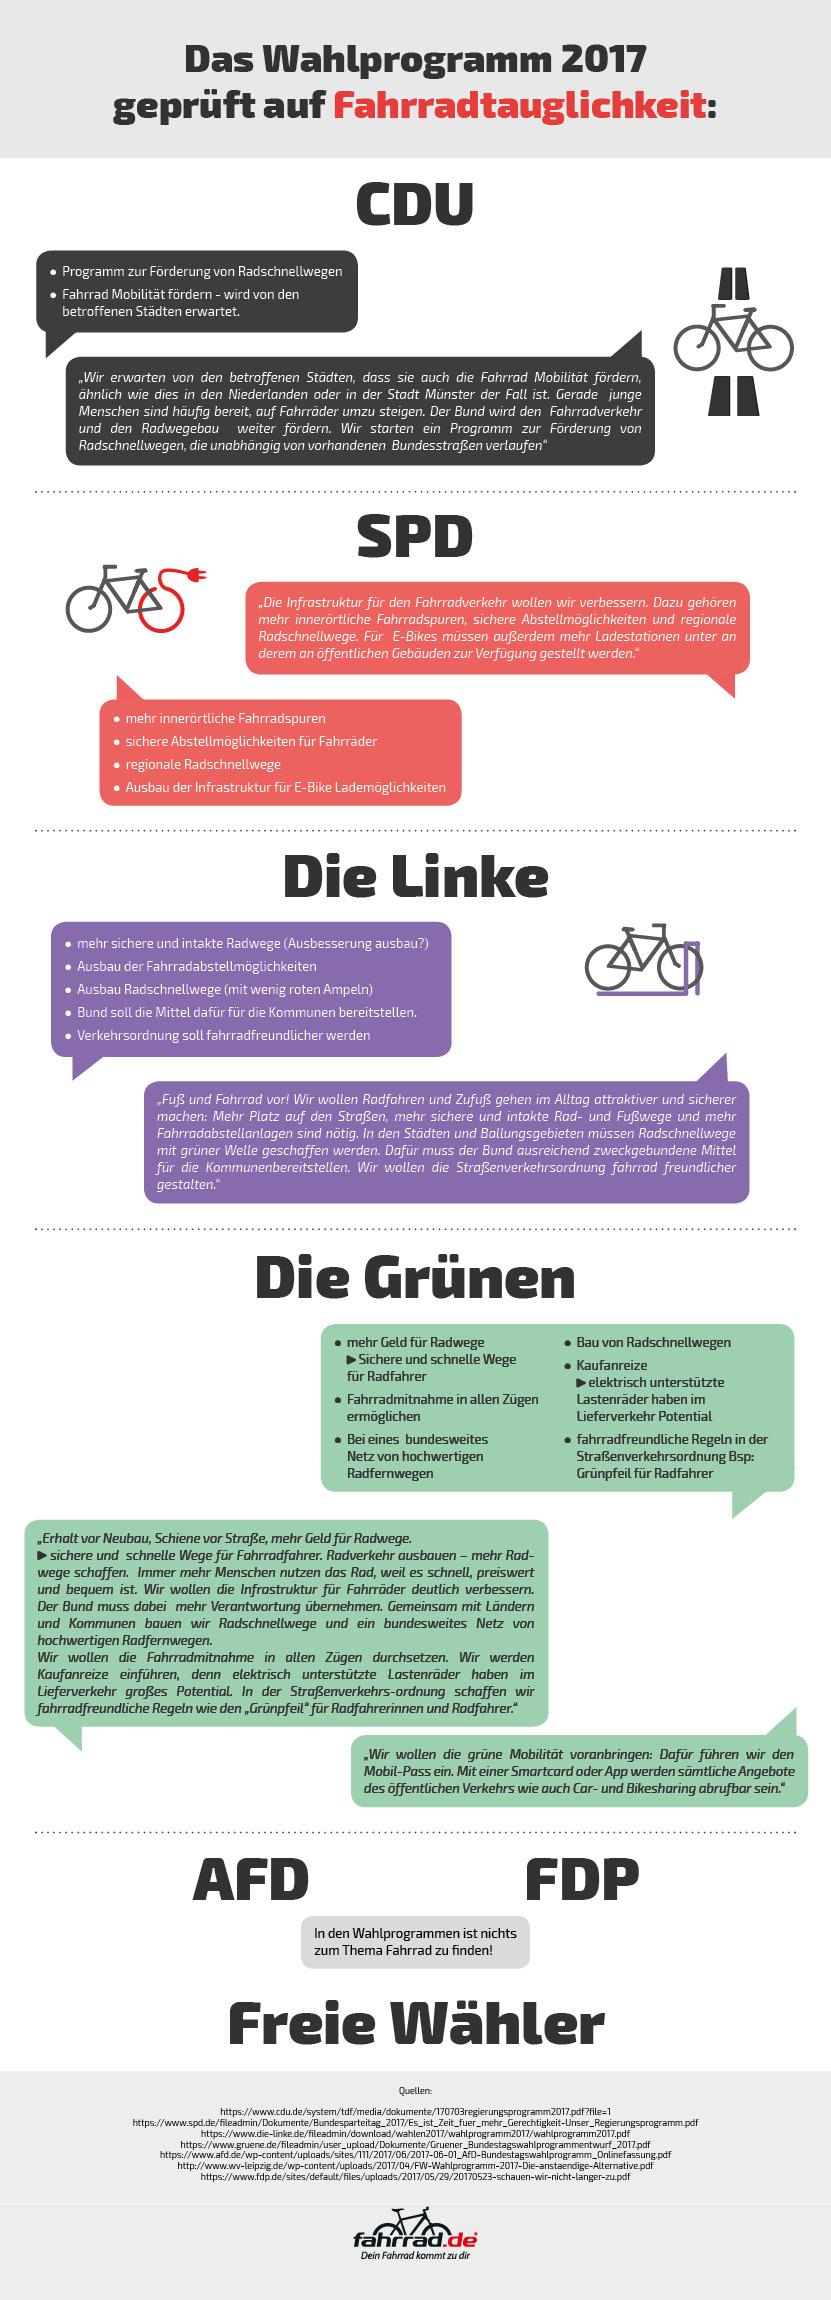 Das Wahlprogramm 2017 zum Thema Fahrrad